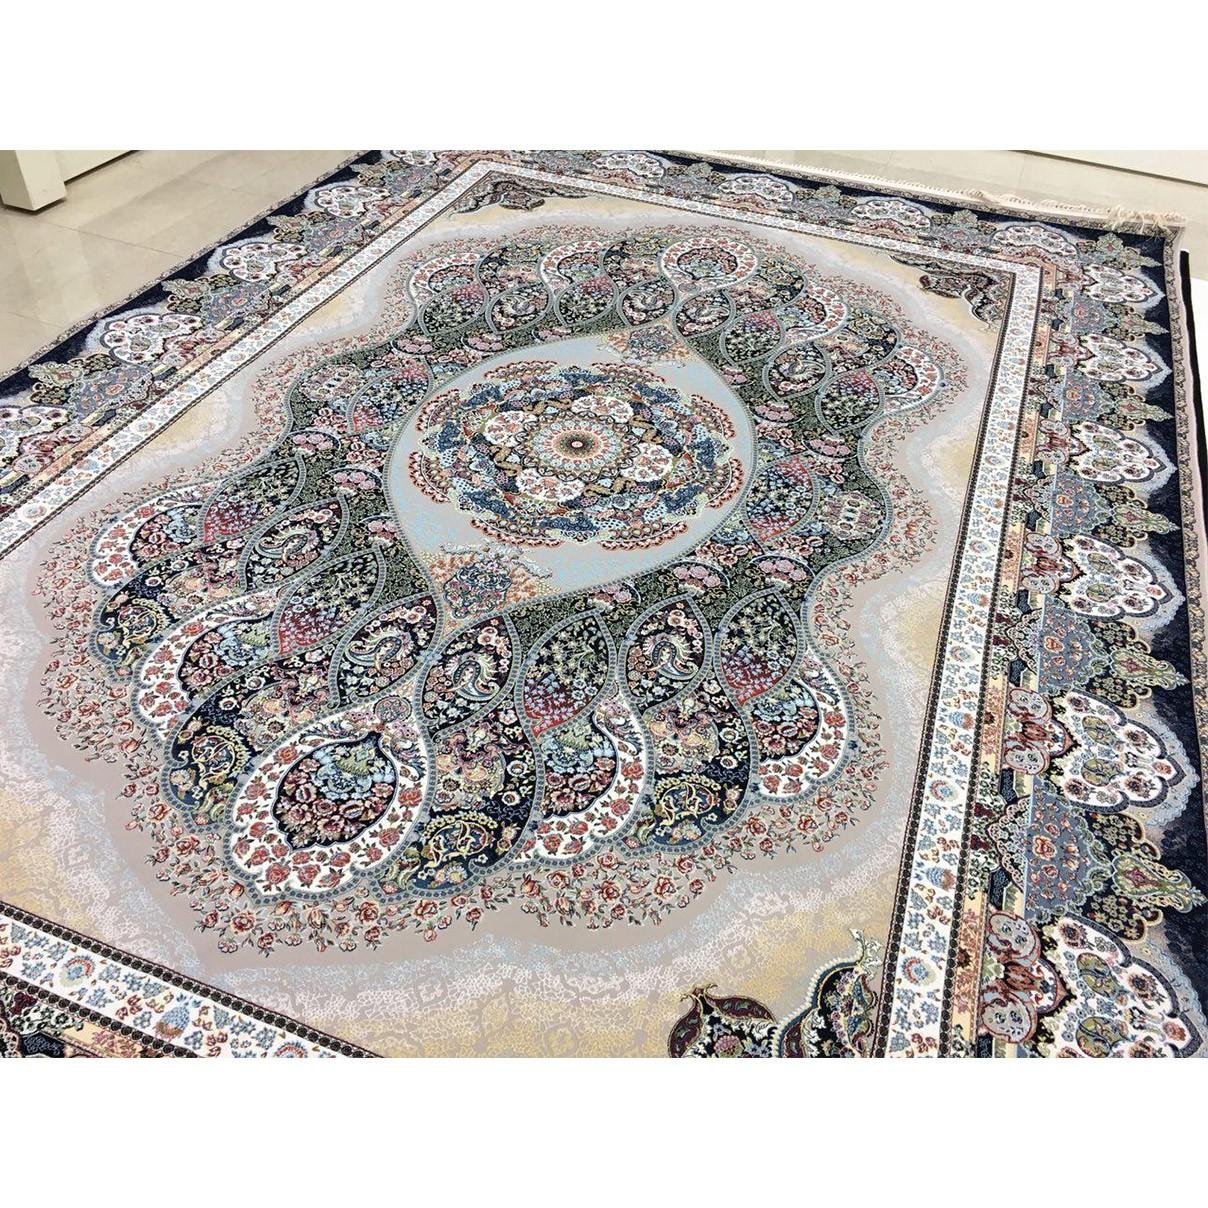 فرش شاهکار صفویه طرح باران فیلی 1200 شانه تراکم 3600 برجسته